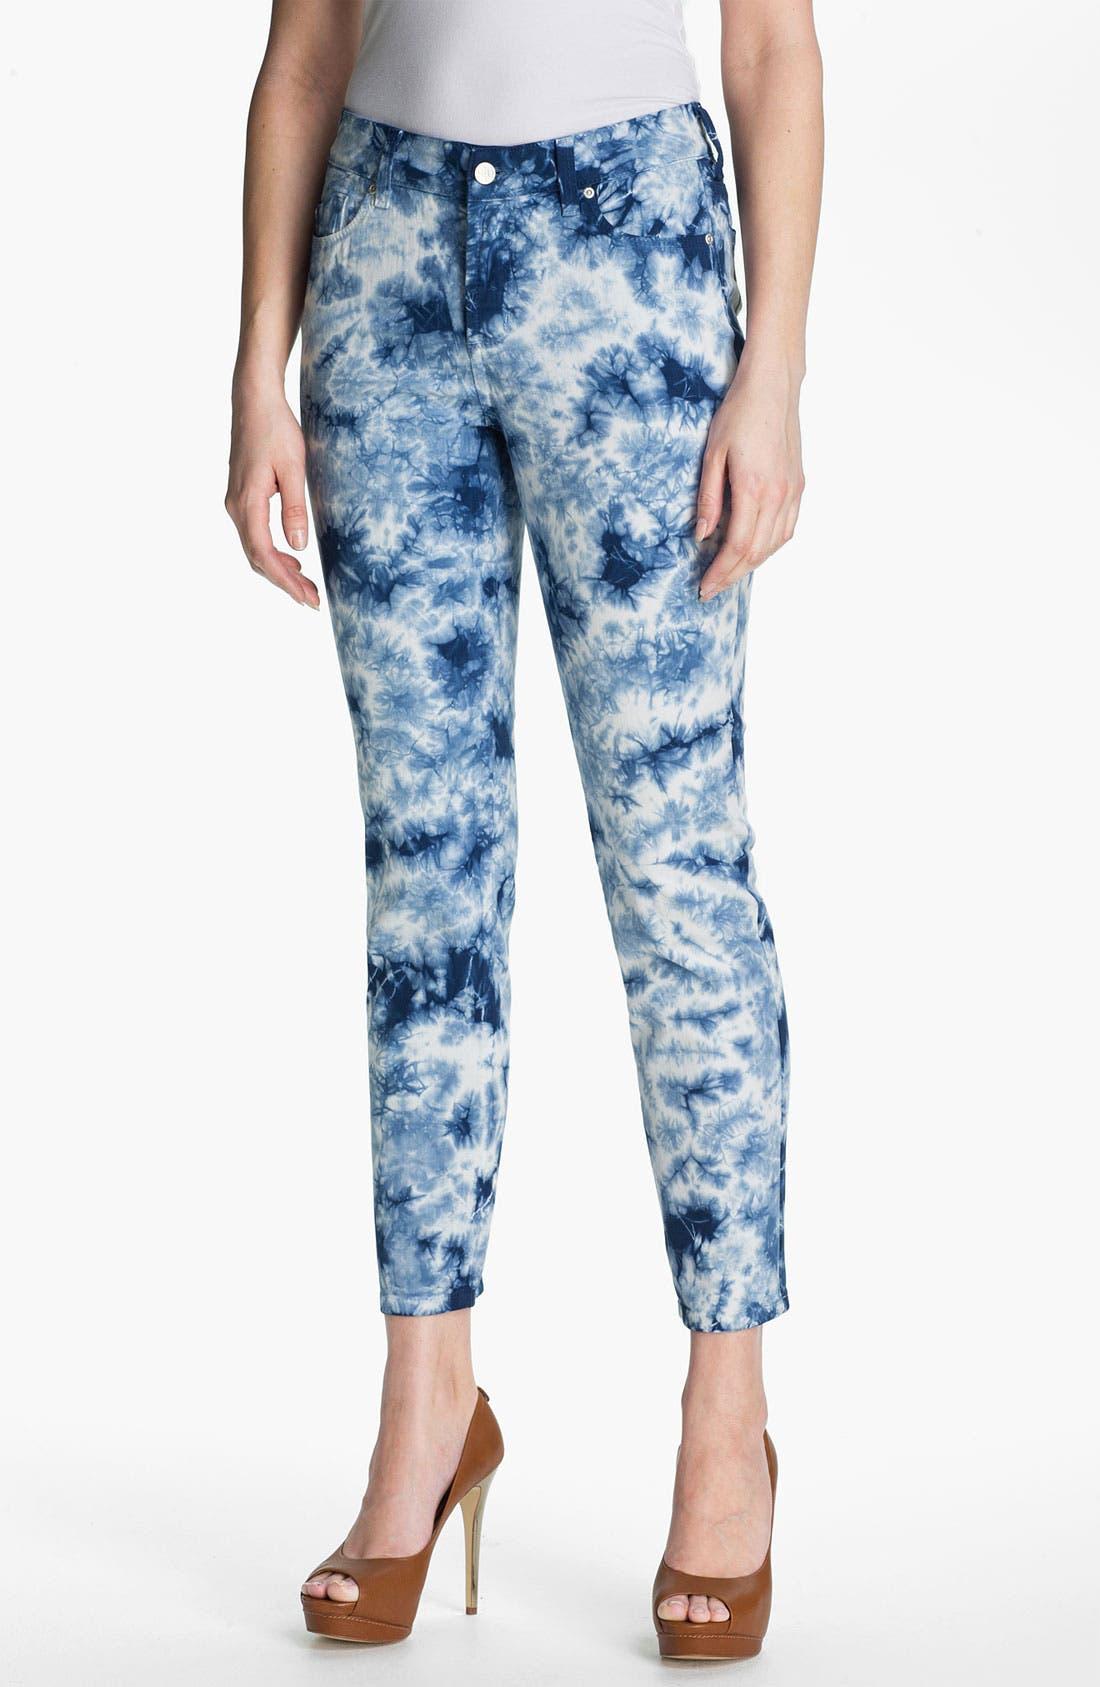 Alternate Image 1 Selected - NYDJ 'Alisha' Print Twill Ankle Jeans (Petite)